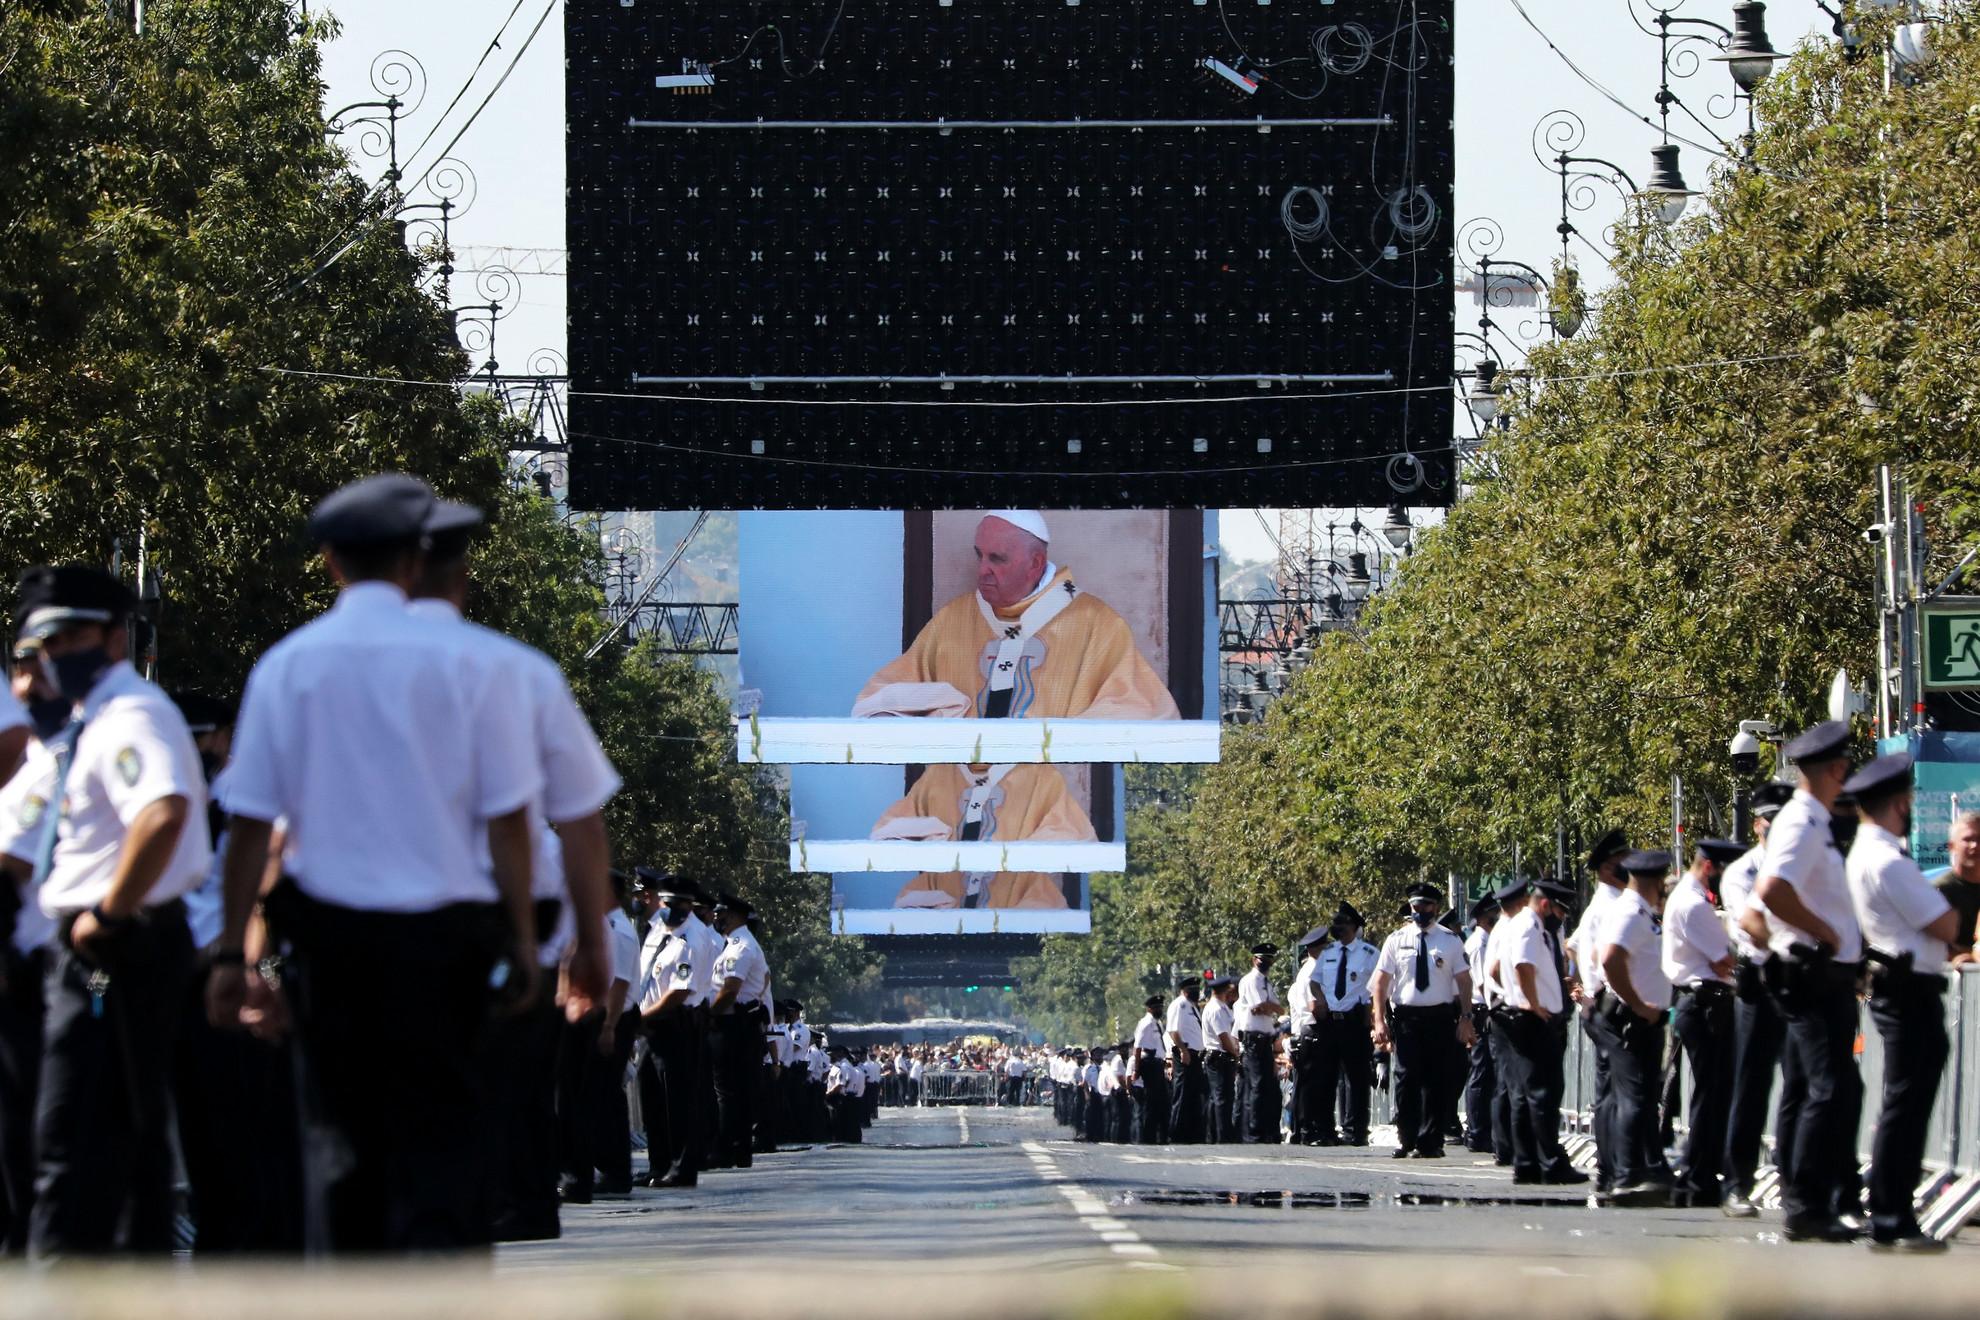 Az Andrássy út Ferenc pápa miséjén 2021. szeptember 12-én